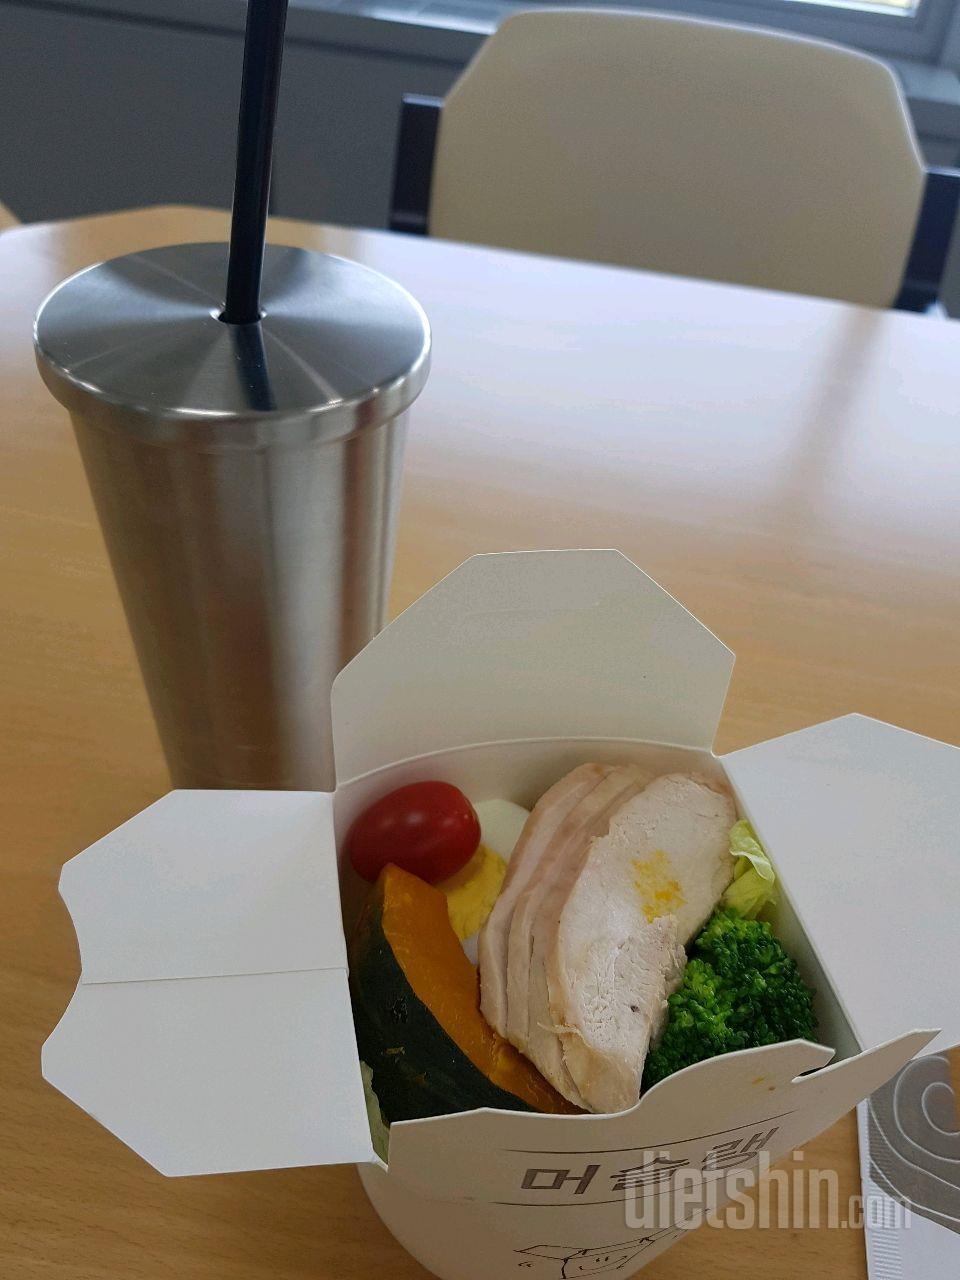 회사 잠심 테이크아웃 식단- 머슬랭 샐러드에요. ㅎㅎ